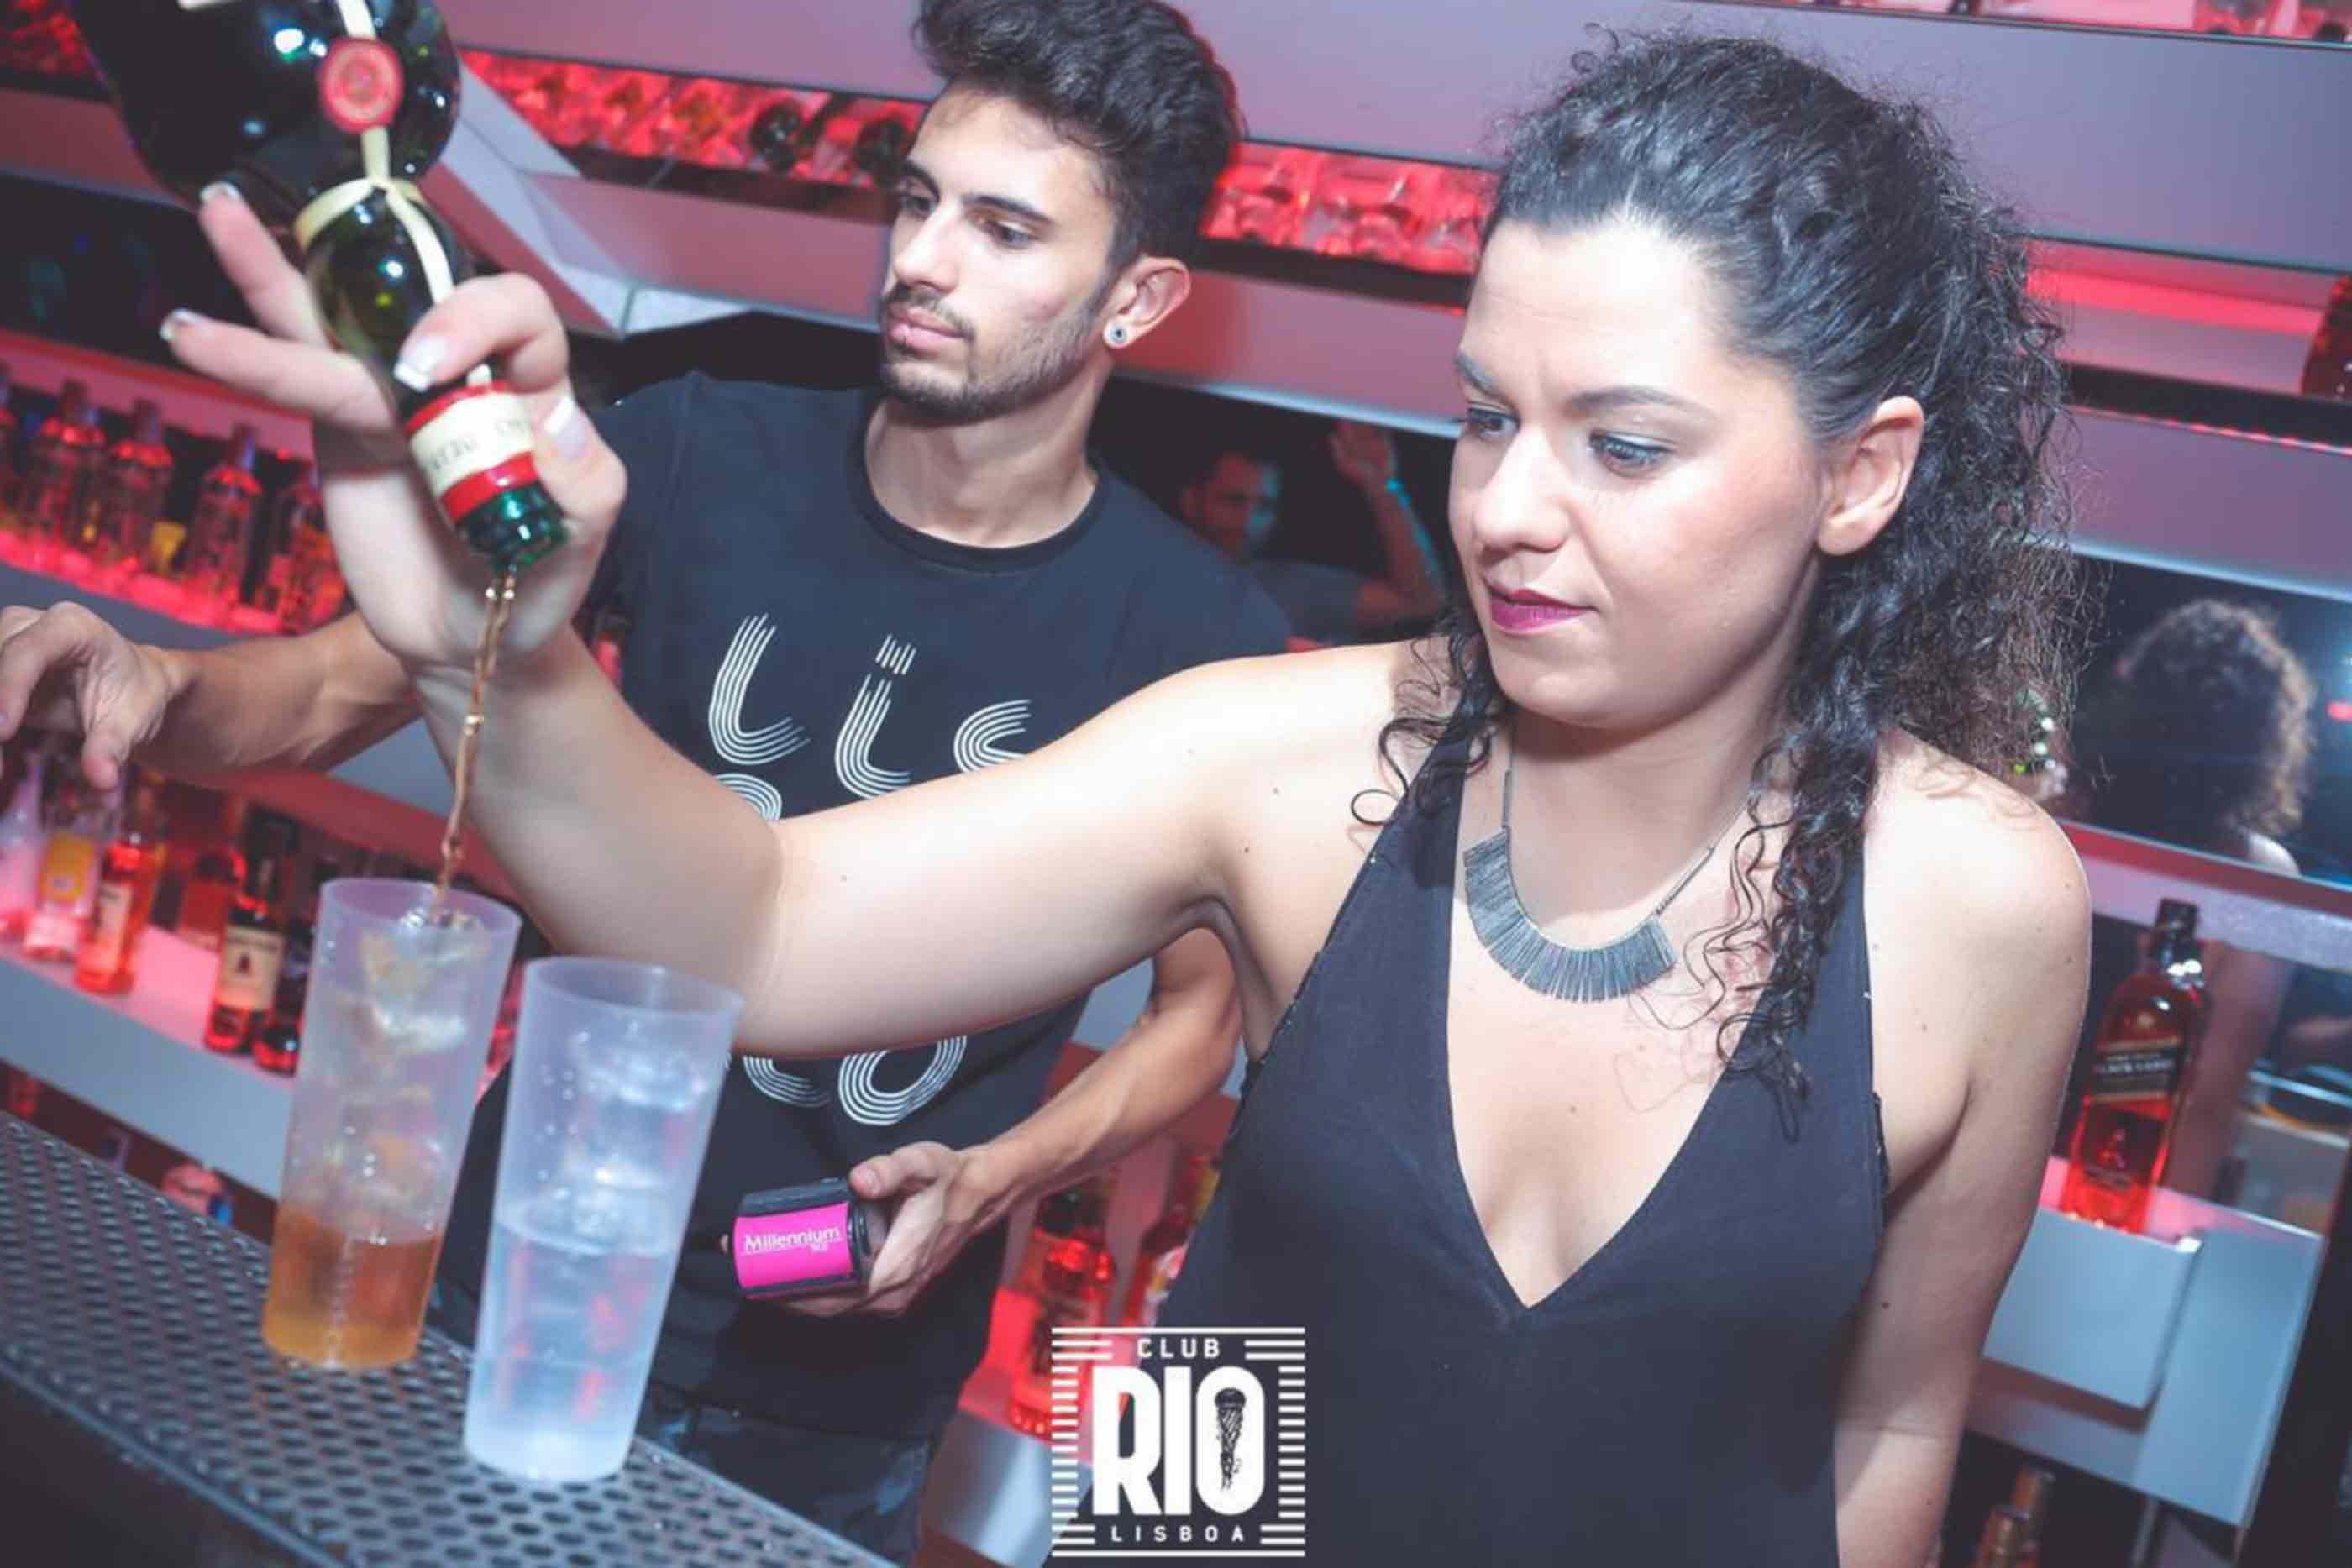 Dois Bartenders do Club Rio Lisboa a servir bebidas aos clientes.